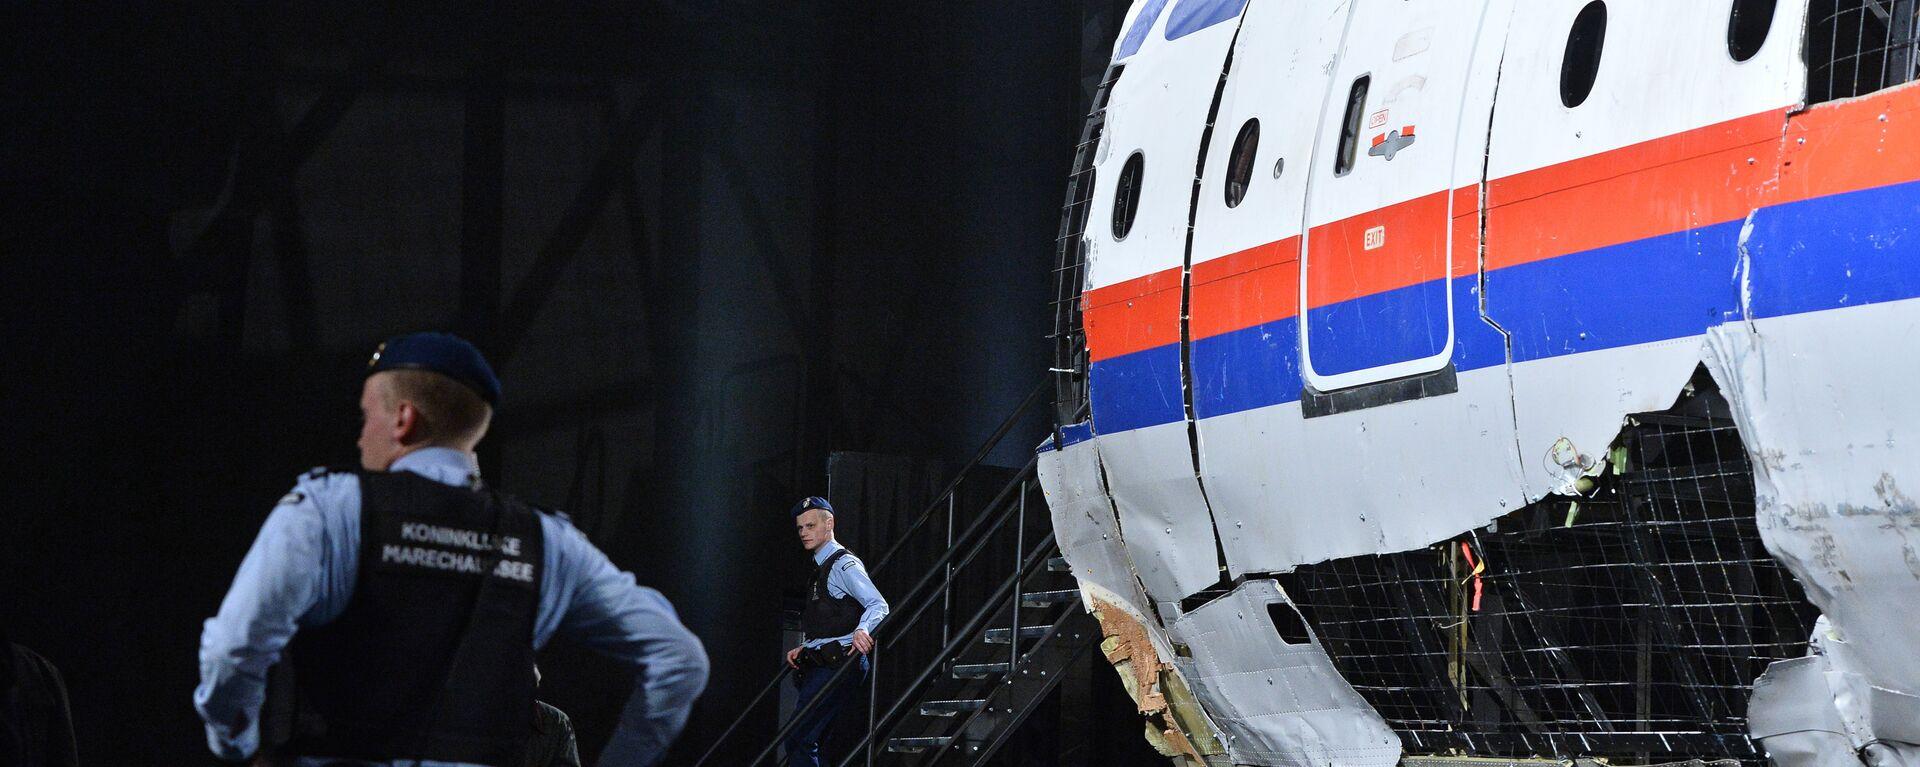 Parte del avión que realizaba el vuelo MH17 de Malaysia Airlines - Sputnik Mundo, 1920, 08.02.2021